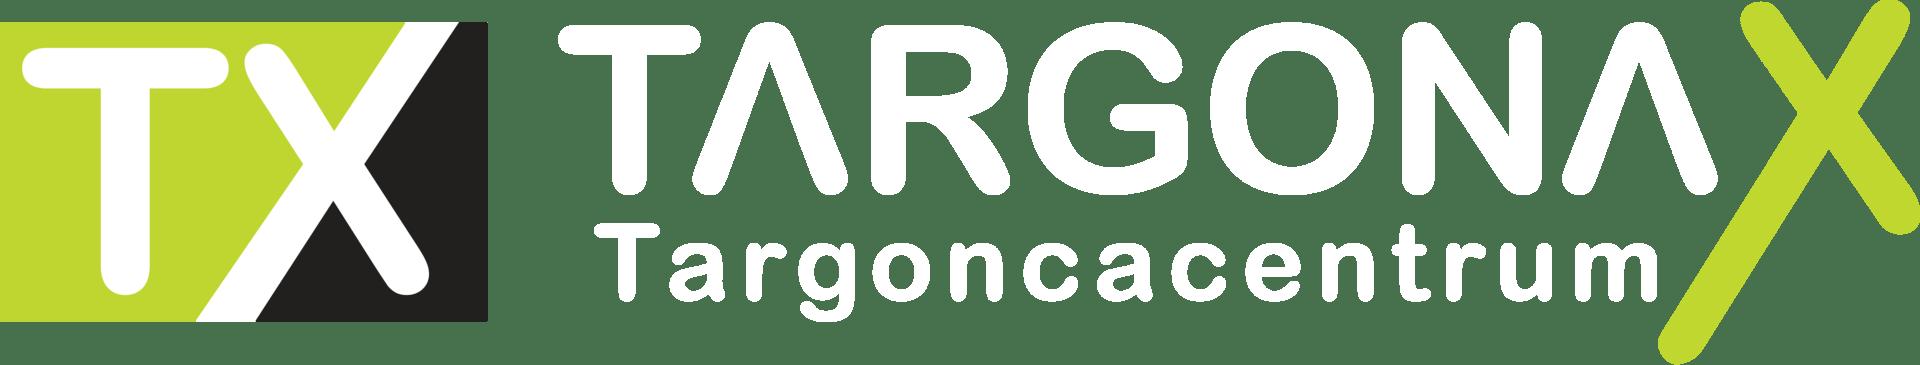 TARGONAX